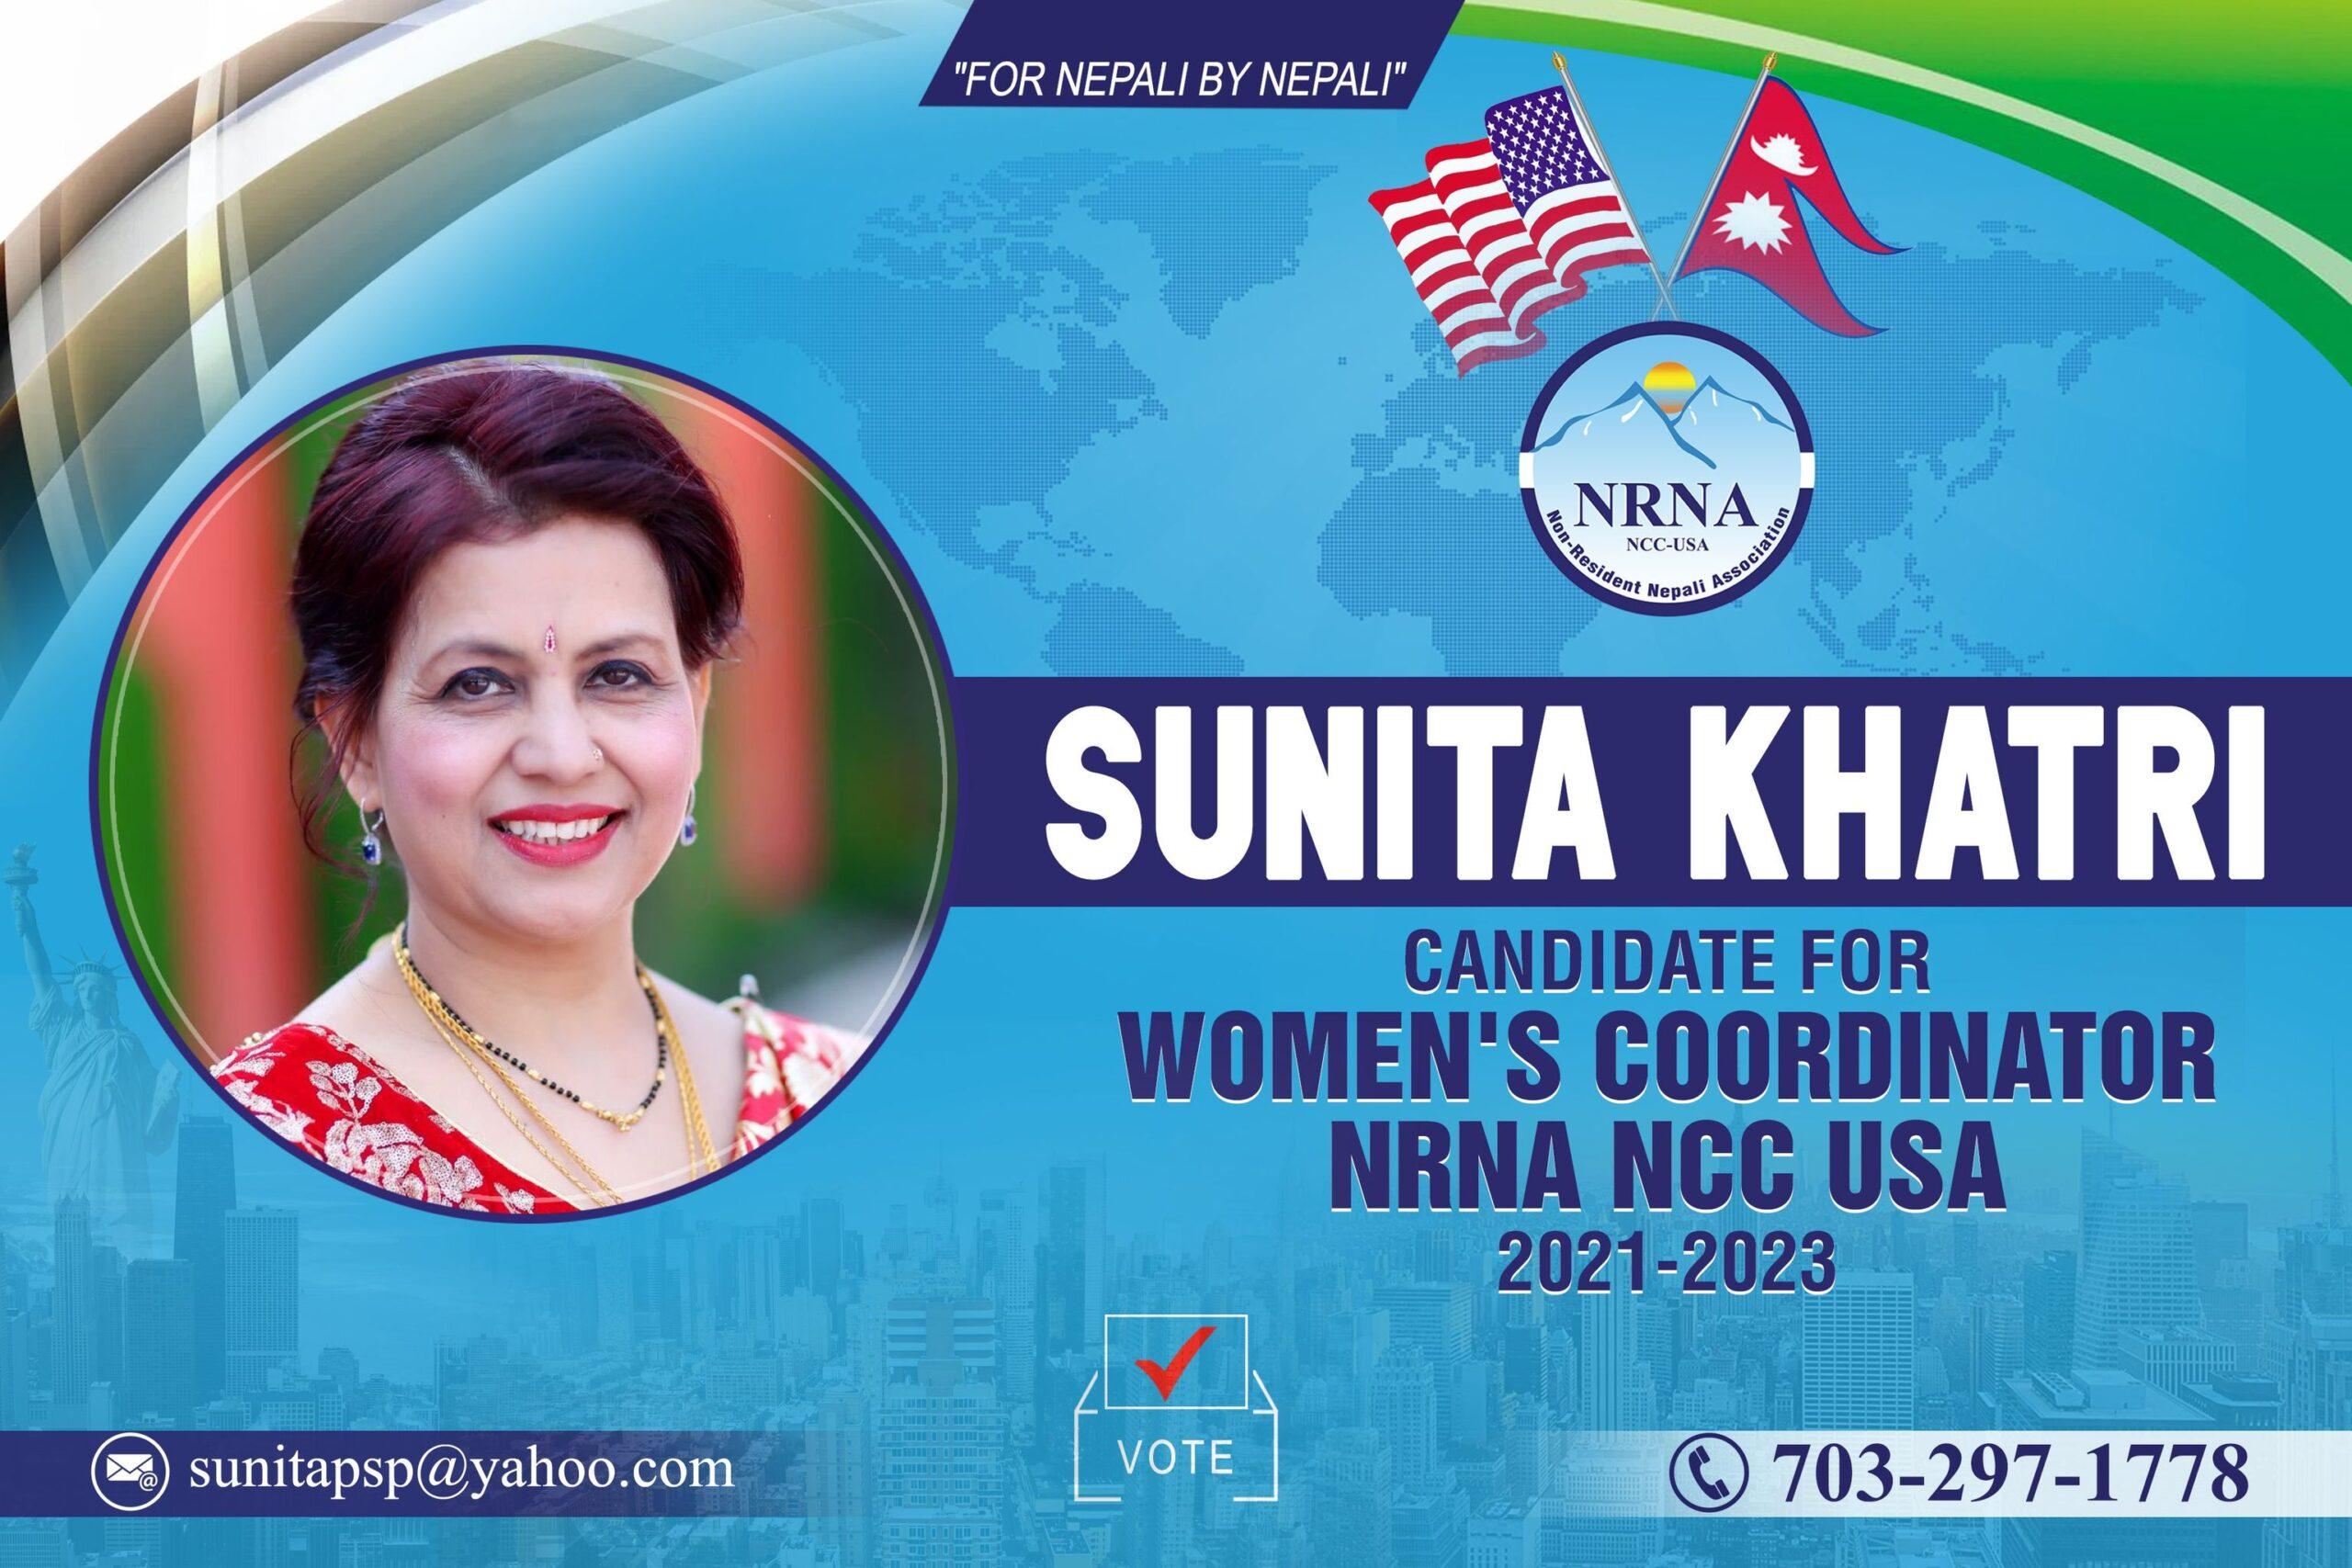 सुनिता खत्रीद्दारा एनआरएनए महिला संयोजक पदमा उमेद्वारी